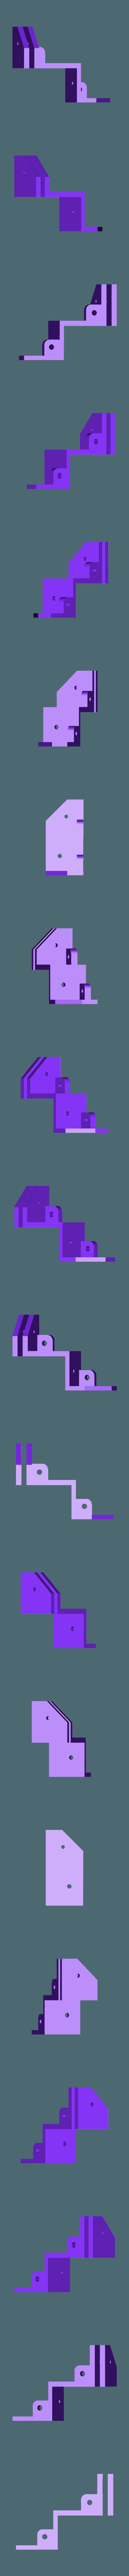 TopPieces-back-right.stl Télécharger fichier STL gratuit Risques d'absence de table pour l'enceinte • Objet pour imprimante 3D, Hobb3s